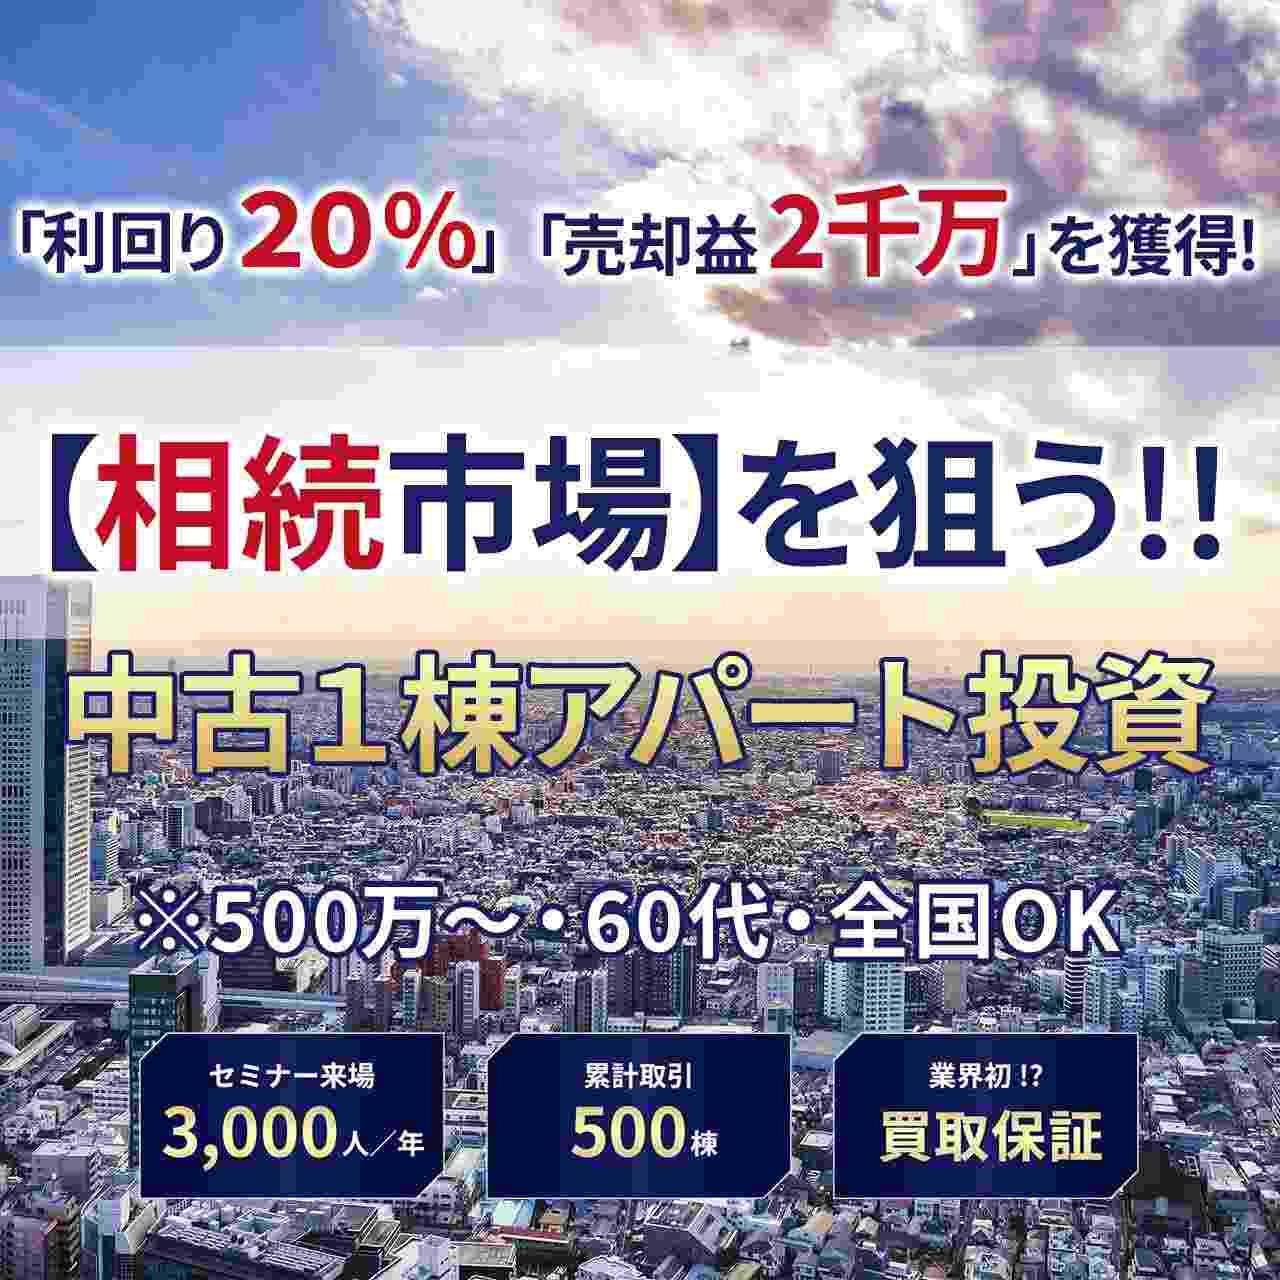 【※オンライン開催(LIVE配信)】1棟アパート投資〈相続市場〉を狙って「利回り20%」「売却益2千万」を獲得!(年収500万からOK、全国対応OK)